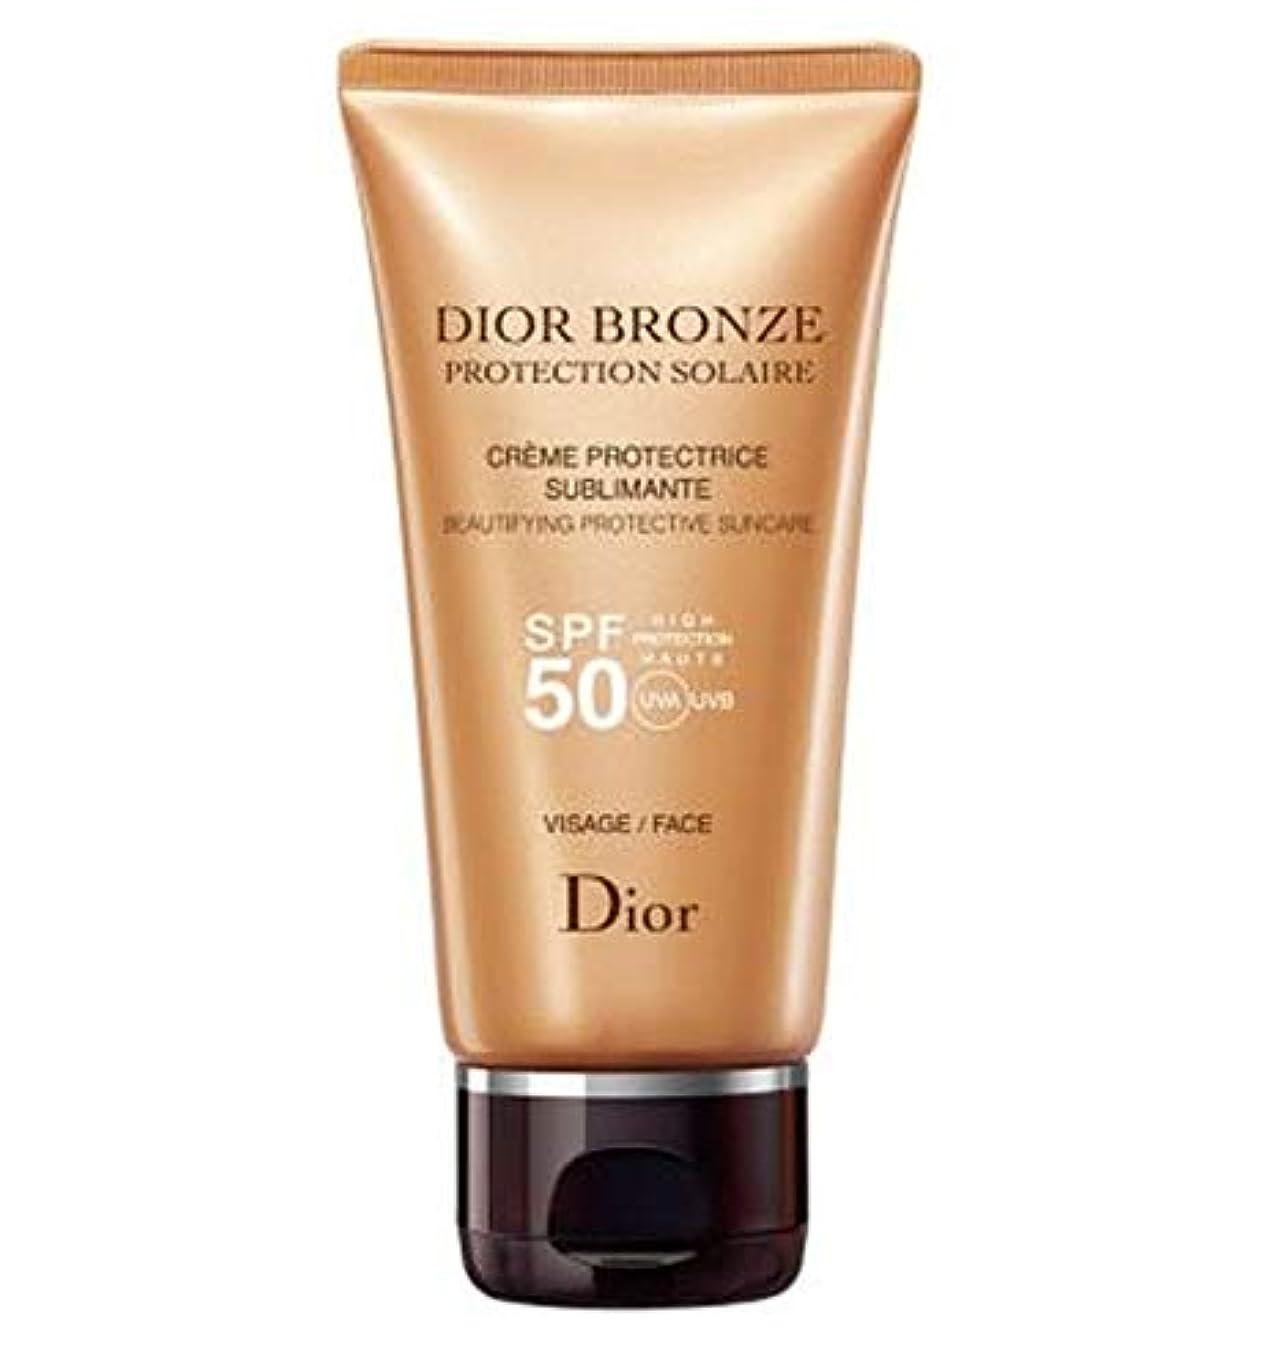 悔い改める処方するアセンブリ[Dior] ディオールブロンズ日の保護高い保護クリームSpf50顔 - 50ミリリットル - Dior Bronze Sun Protection High Protection Cream Spf50 Face - 50ml [並行輸入品]